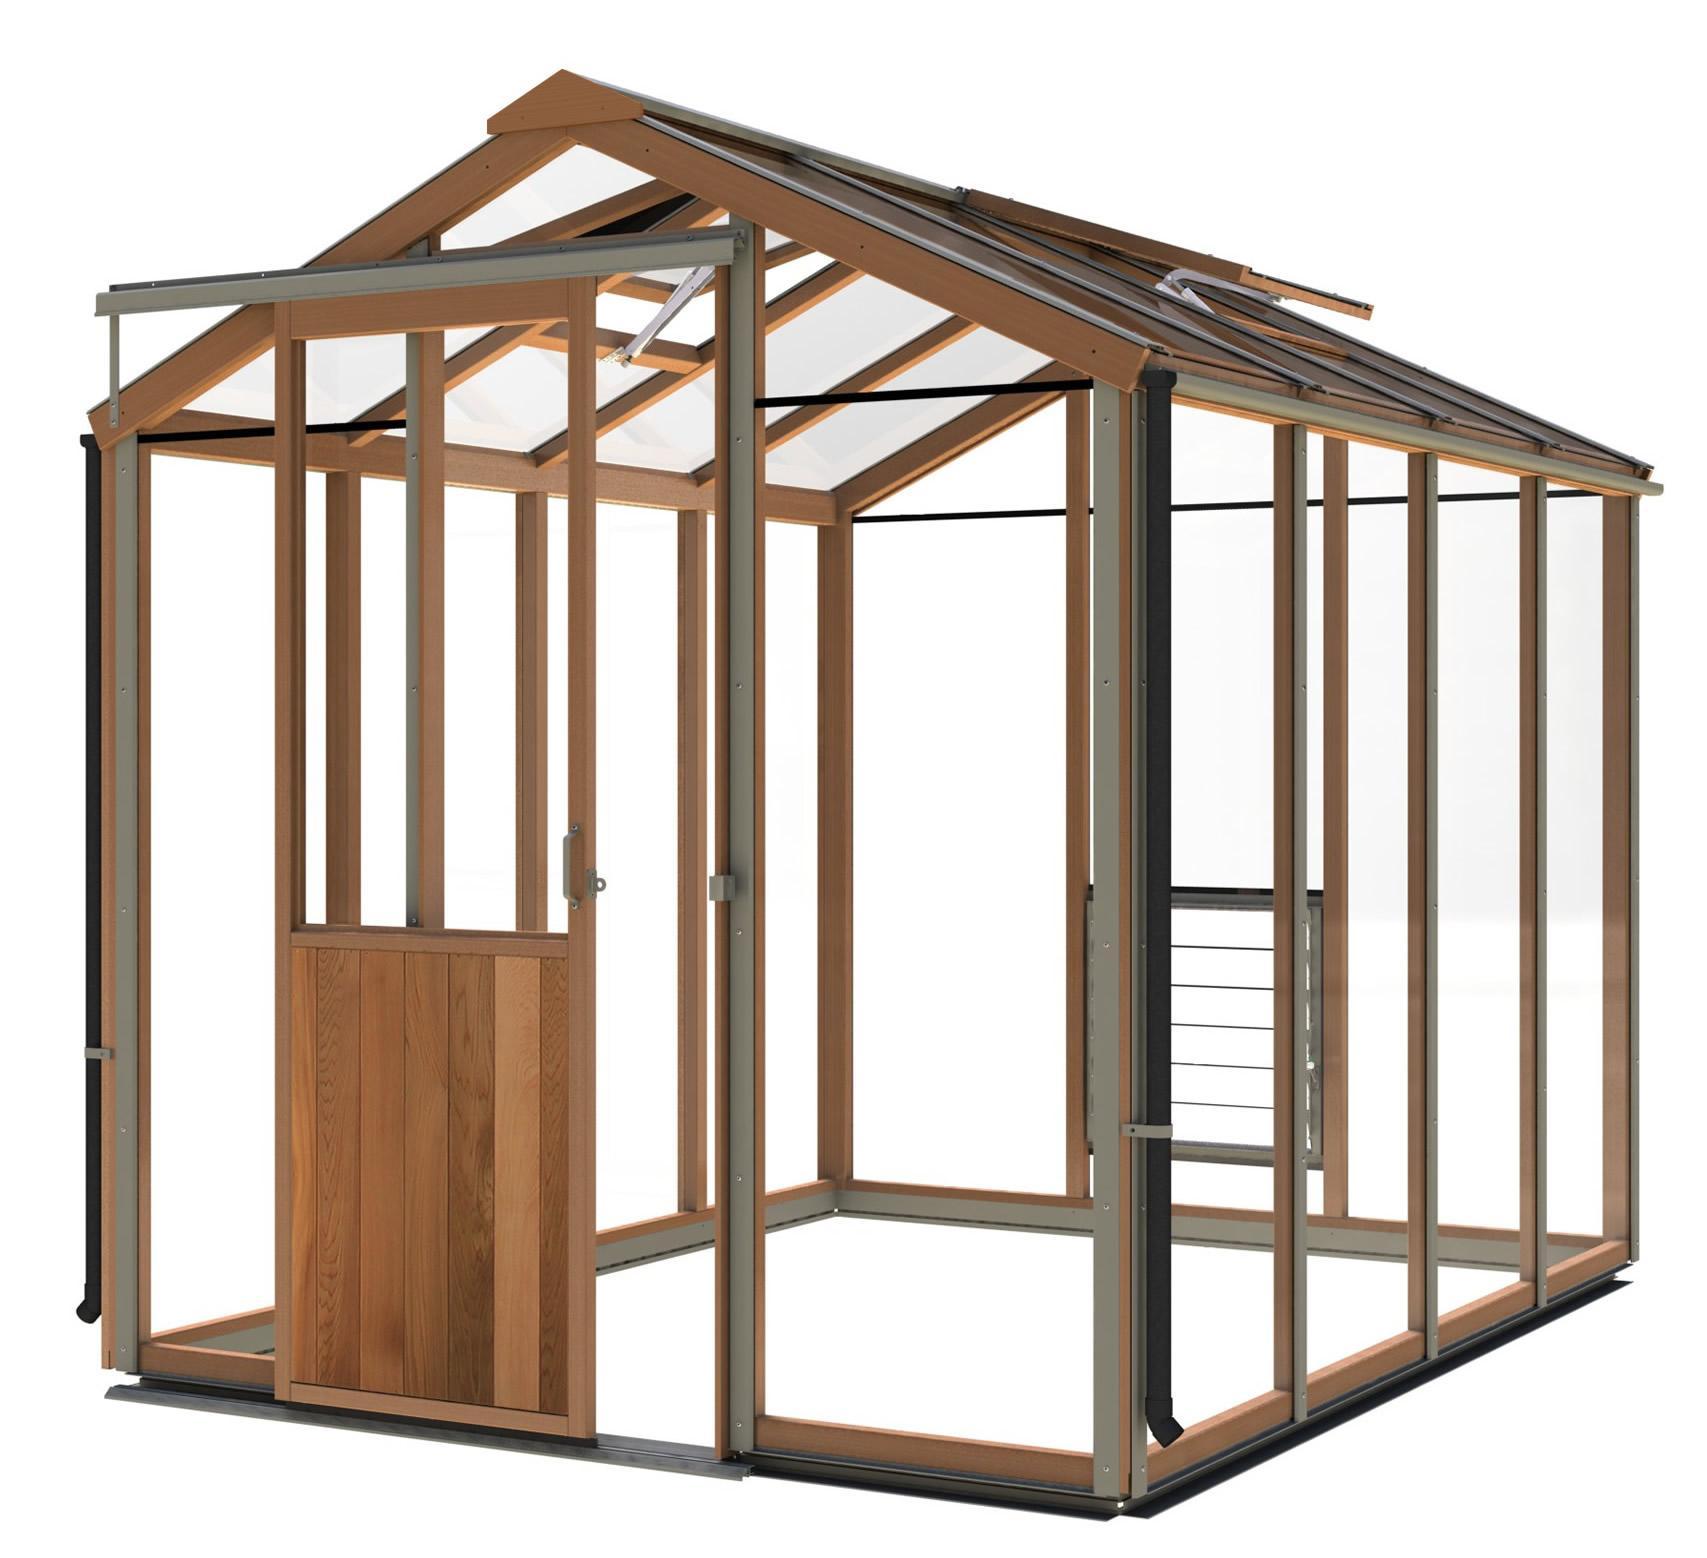 gew chshaus holz evo6 1987mm x 2606mm gew chshaus aus zedernholz mit vollausstattung. Black Bedroom Furniture Sets. Home Design Ideas